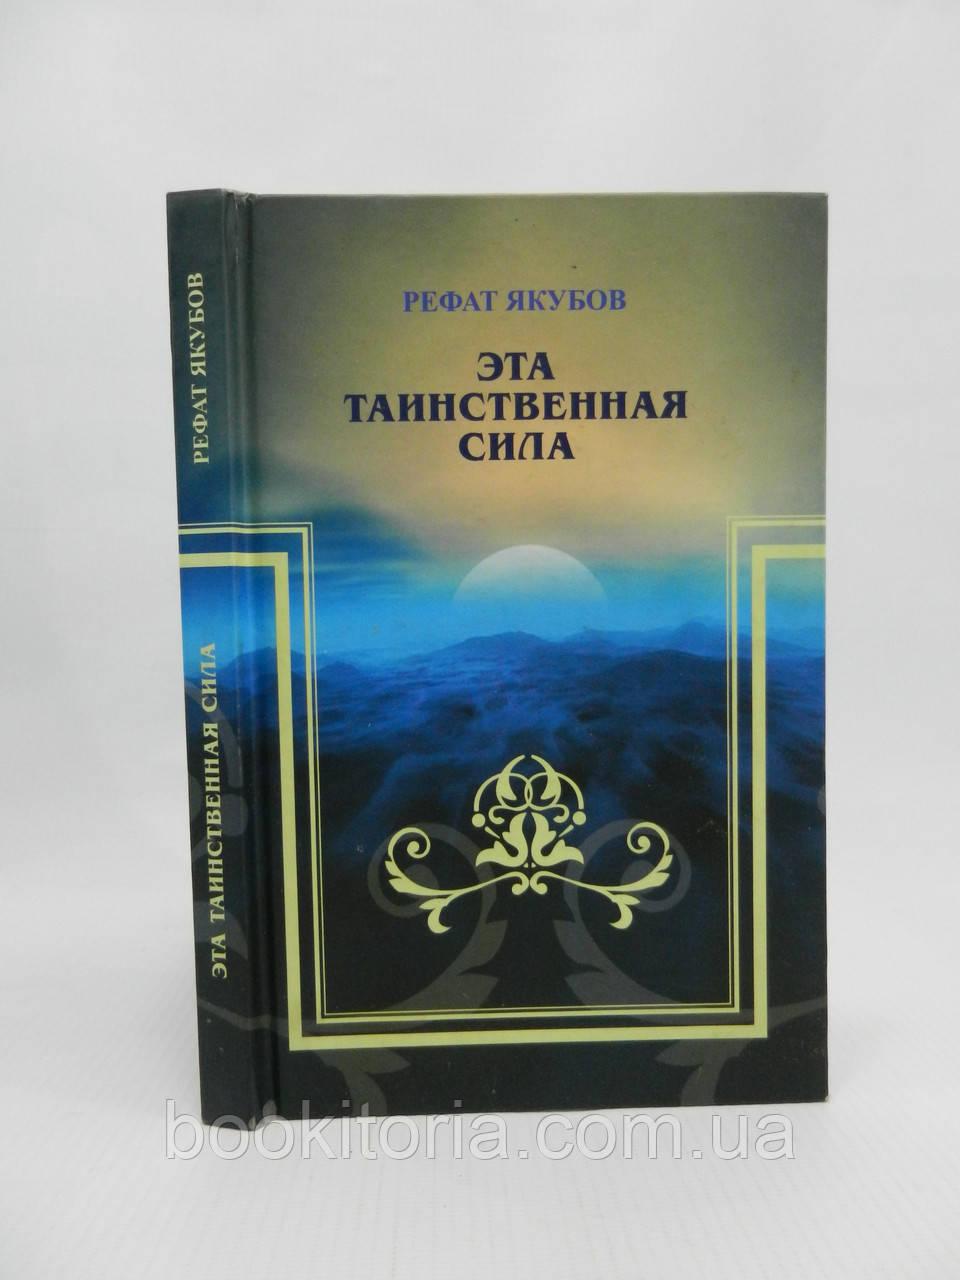 Якубов Р. Эта таинственная сила (б/у).